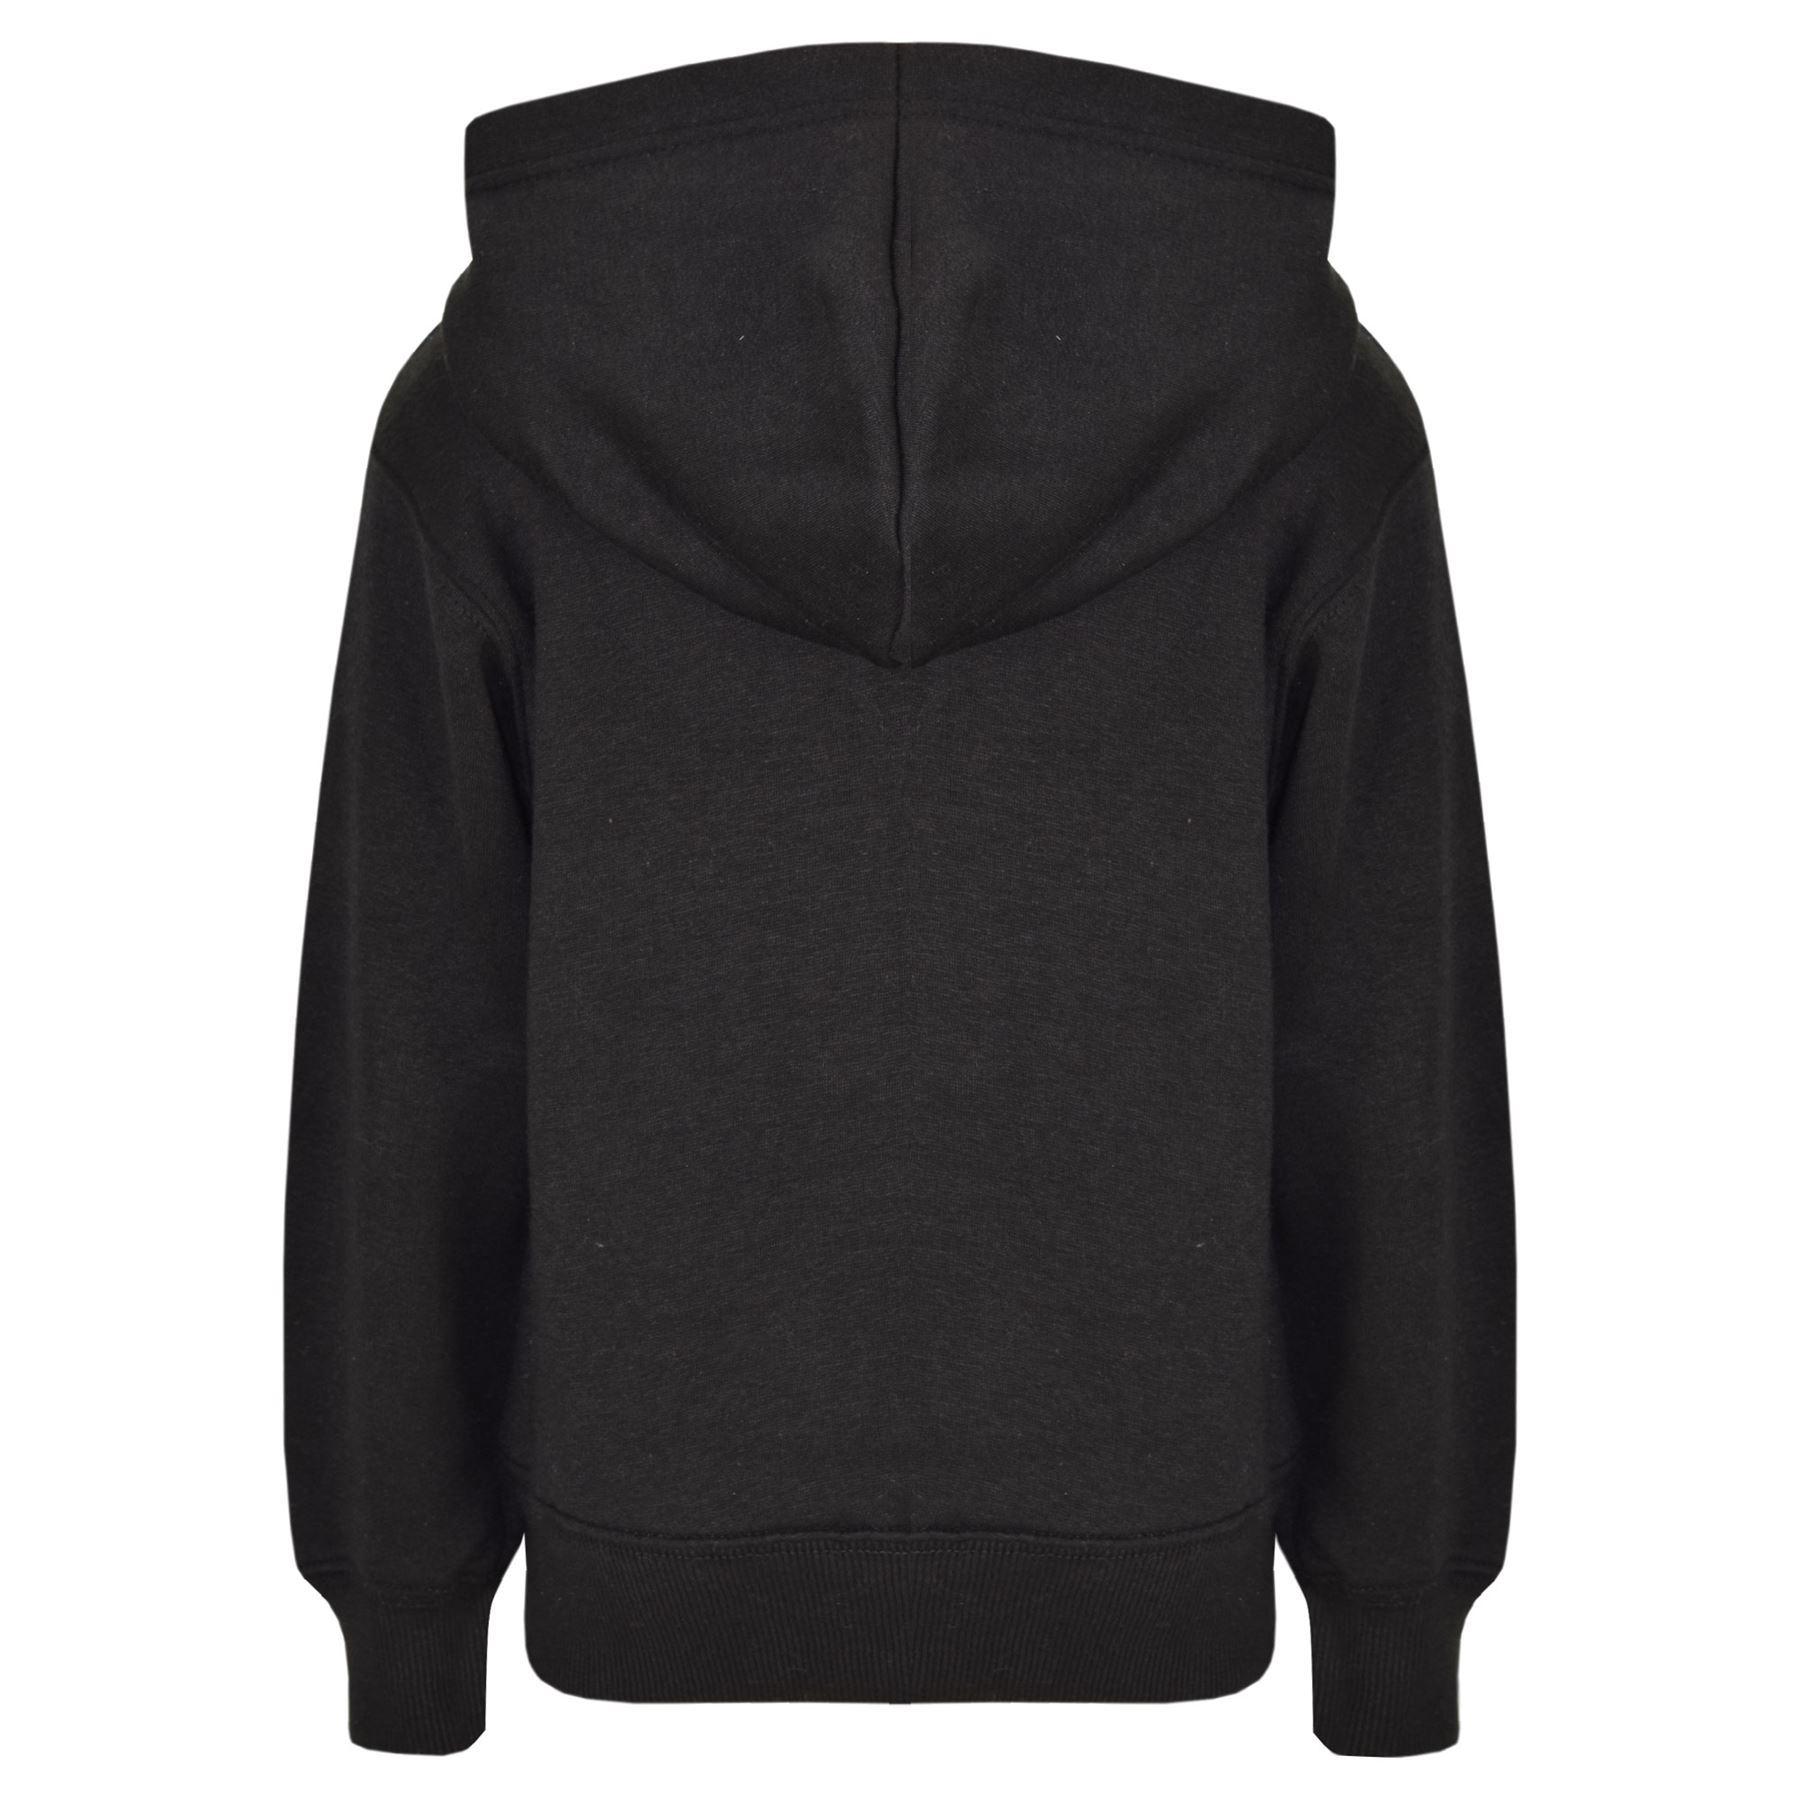 8c5af6cc7aa8 Kids Girls Boys Sweatshirt Tops Plain Black Hooded Jumpers Hoodies ...